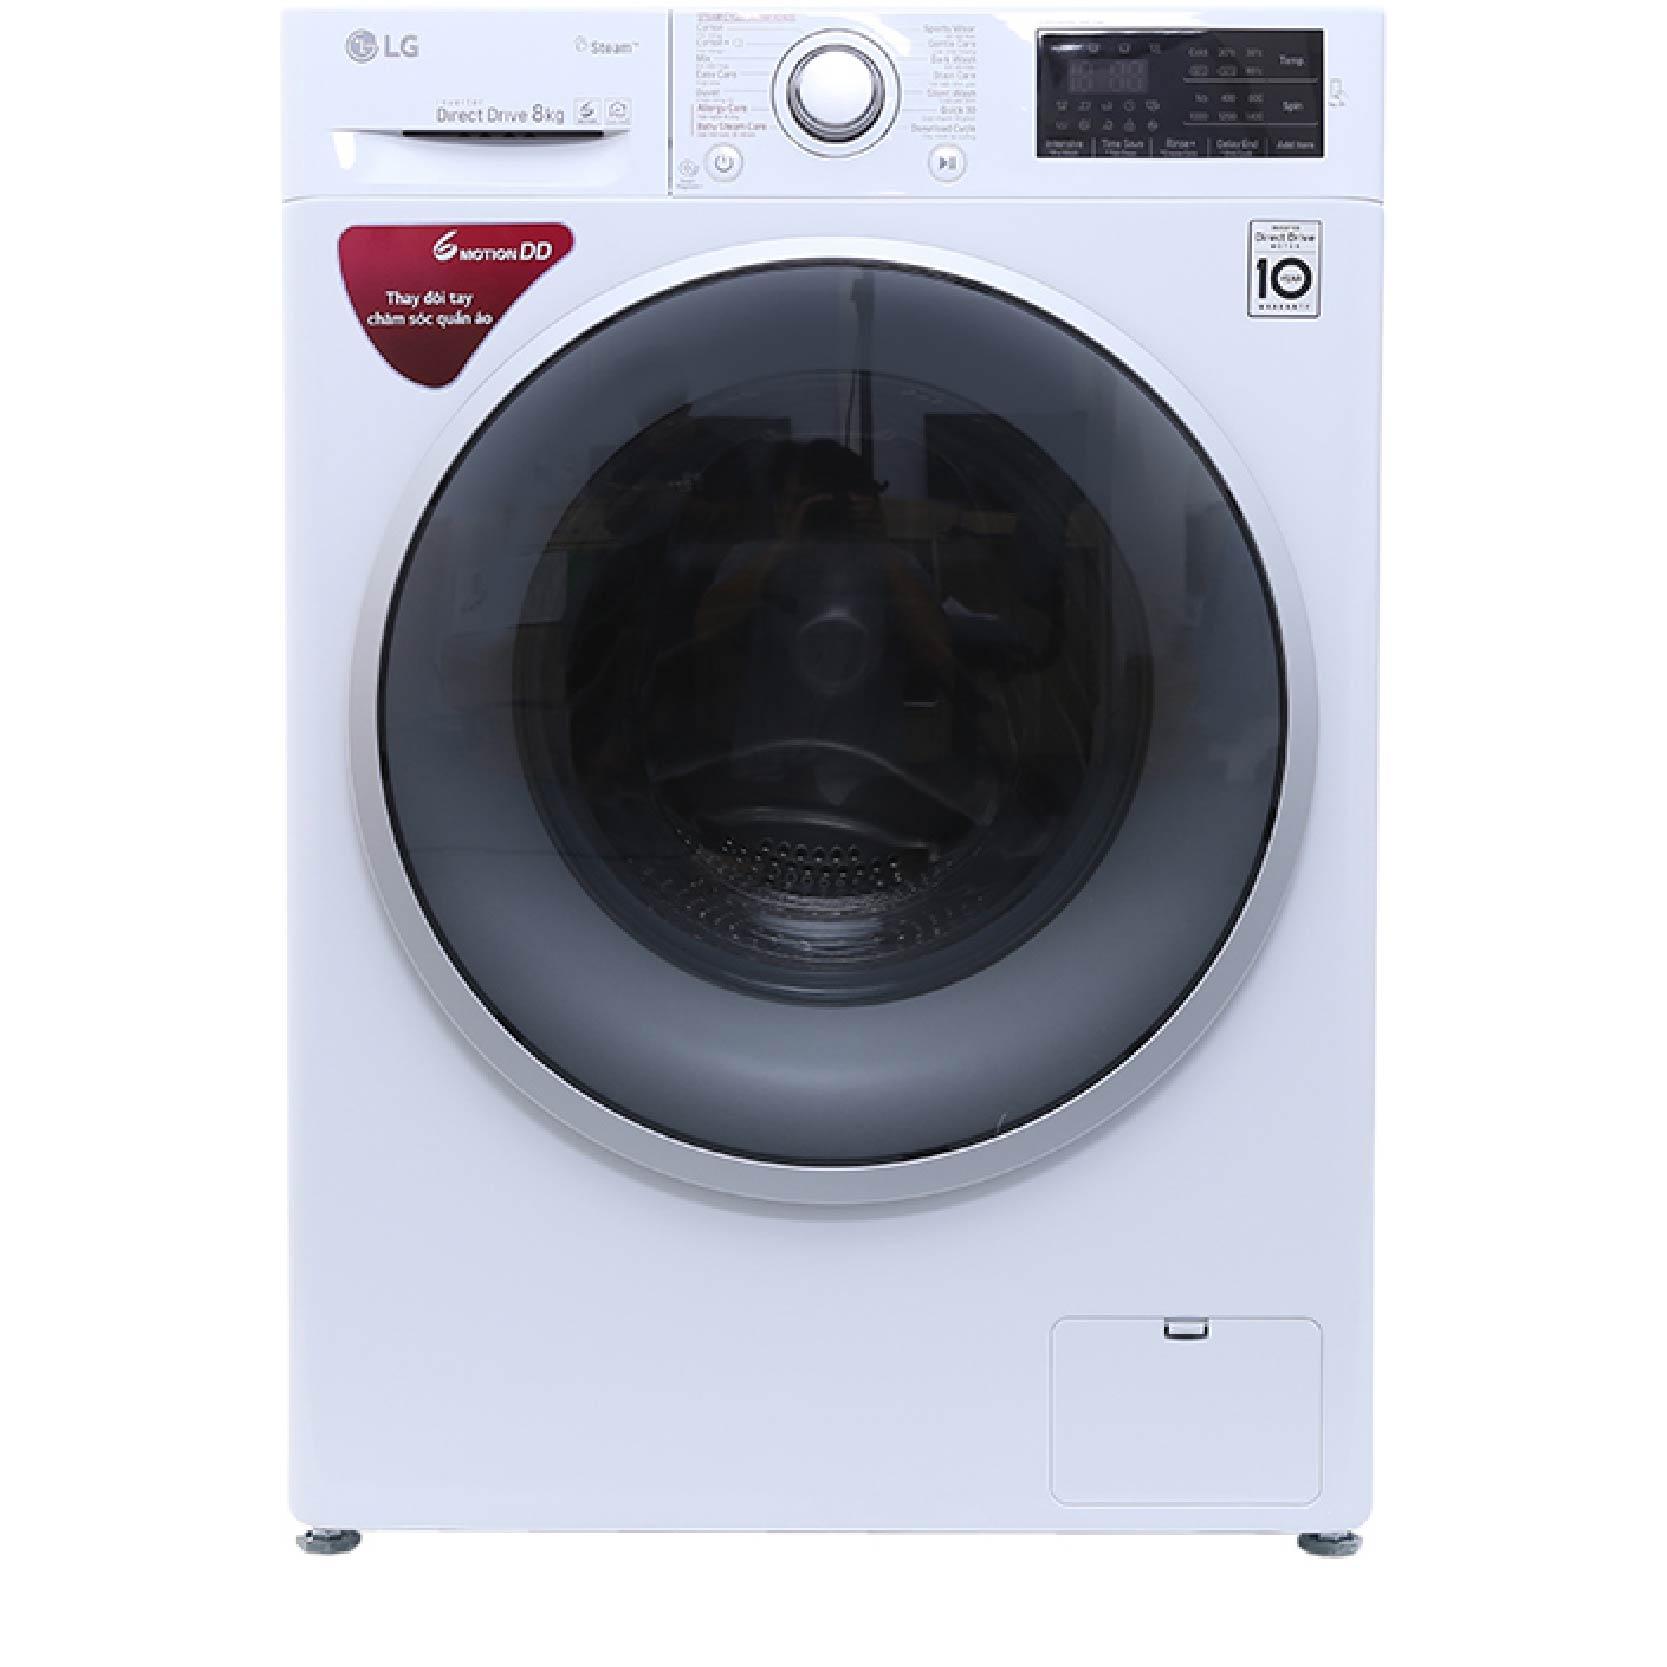 Máy giặt lồng ngang LG 8kg FC1408S4W2